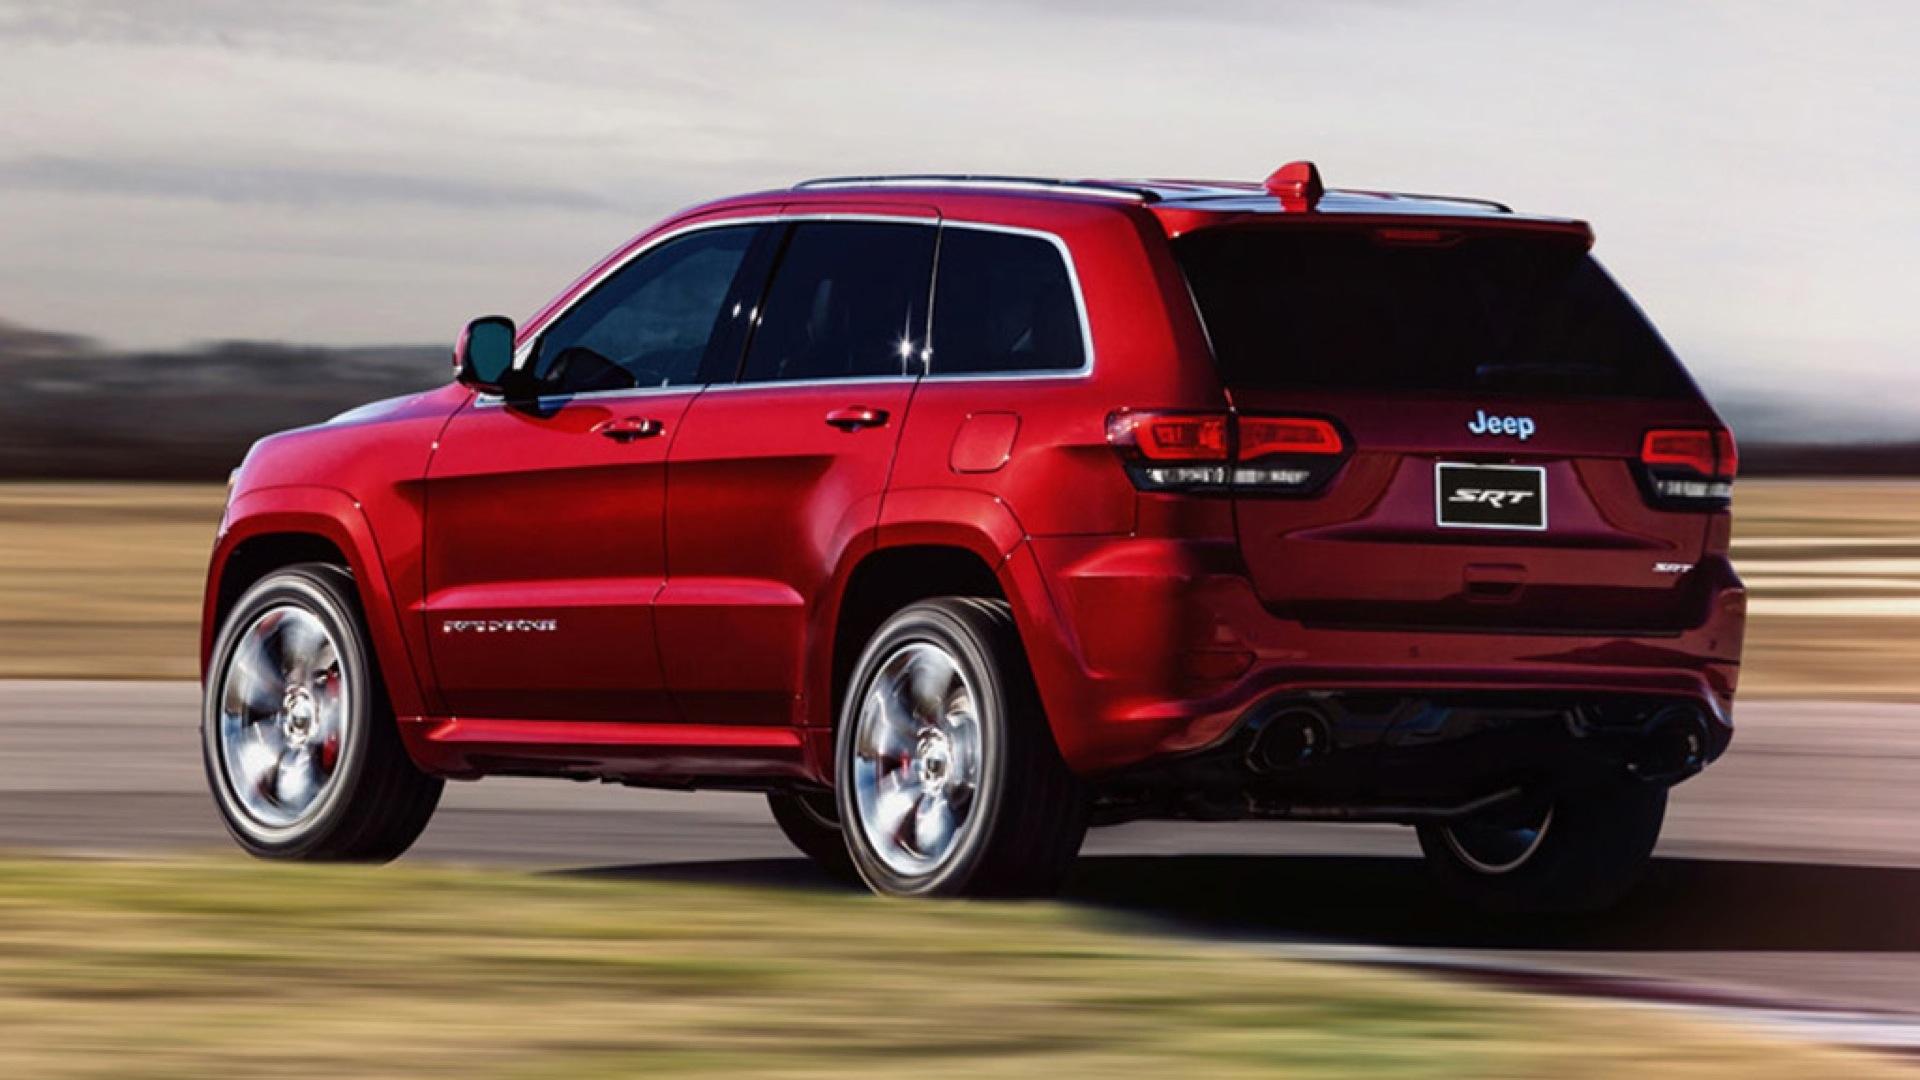 Jeep-Grand-Cherokee-2013-Diesel-Exterior